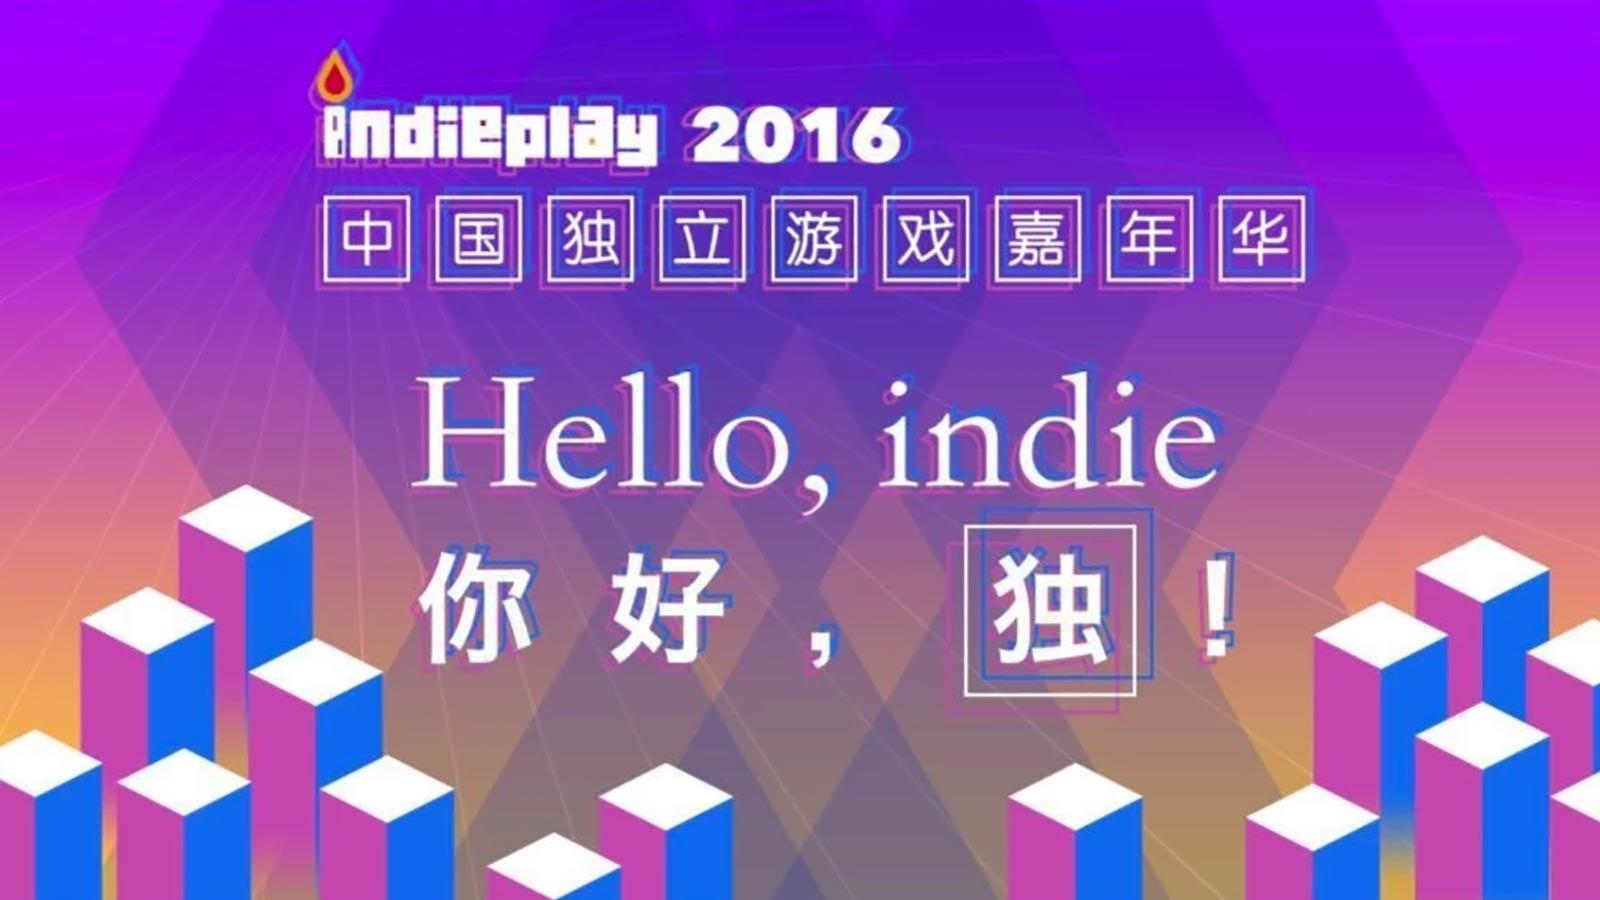 IndiePlay 2016部分演講嘉賓陣容詳情介紹